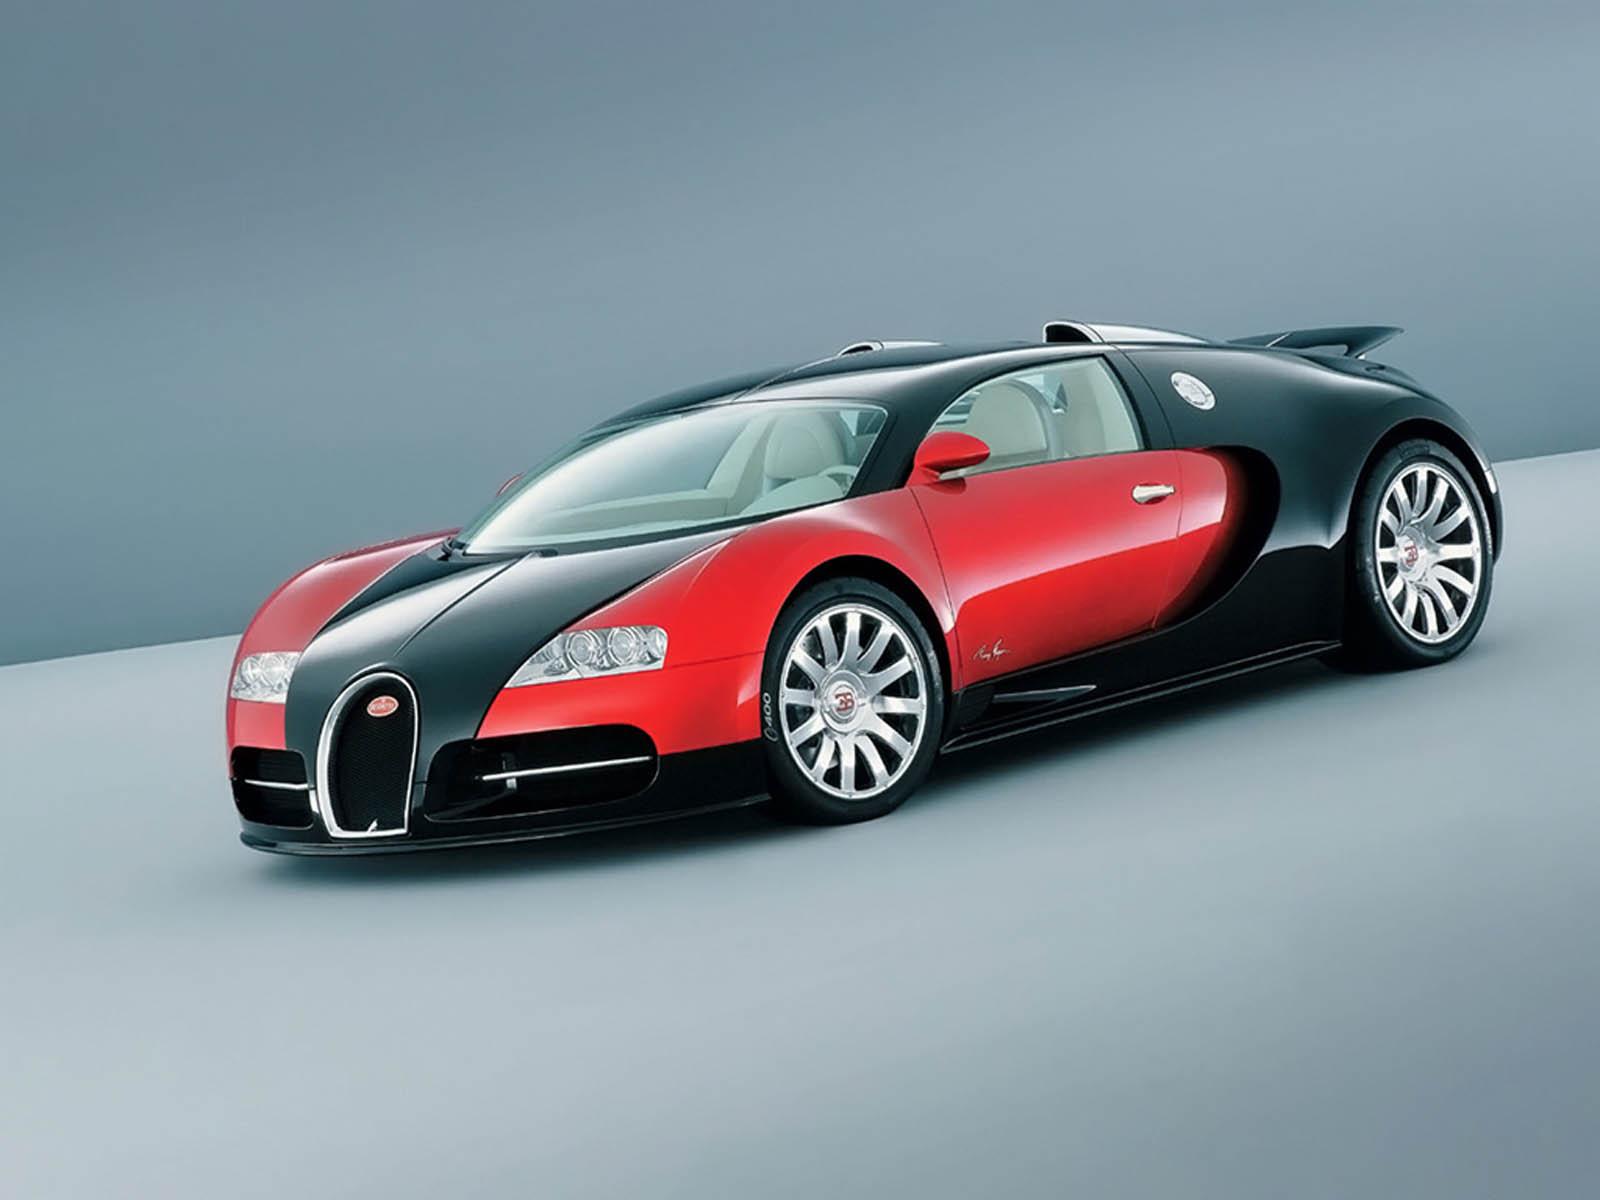 bugatti veyron car desktop wallpapers bugatti veyron car desktop 1600x1200